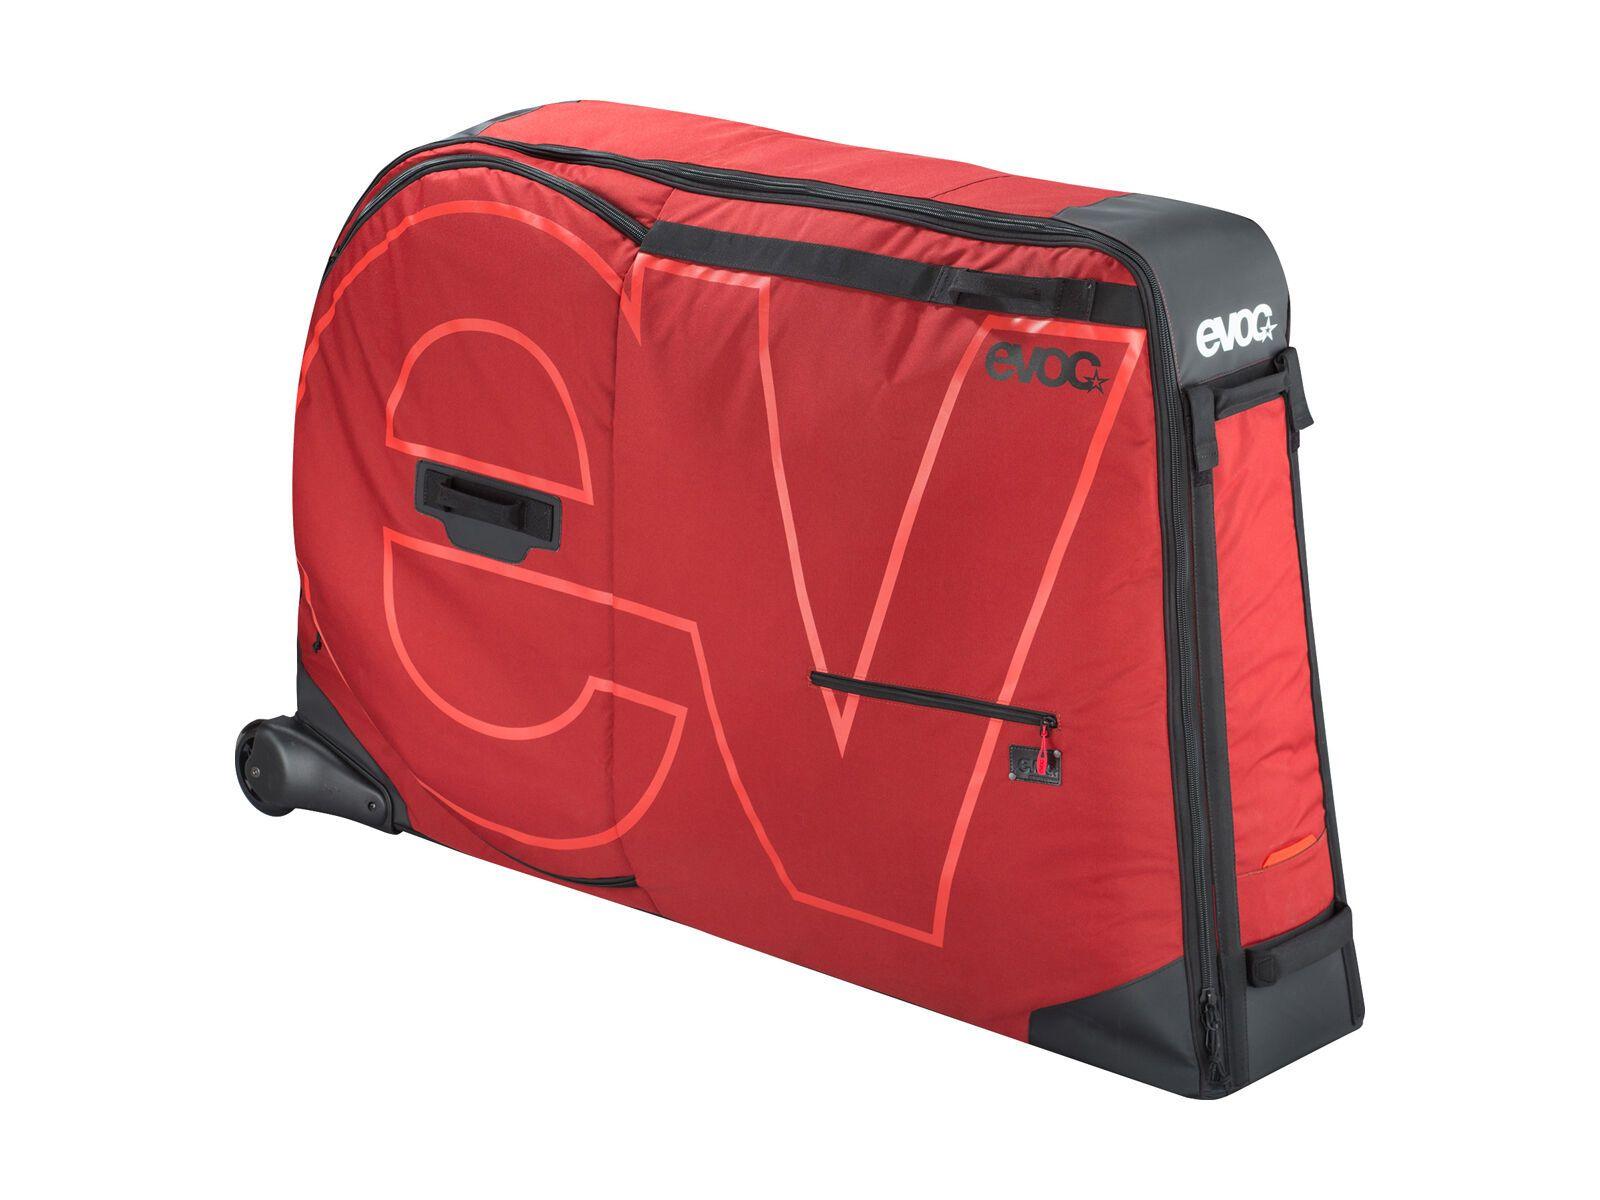 Evoc Bike Travel Bag 280l, chili red - Fahrradtransporttasche 450721024